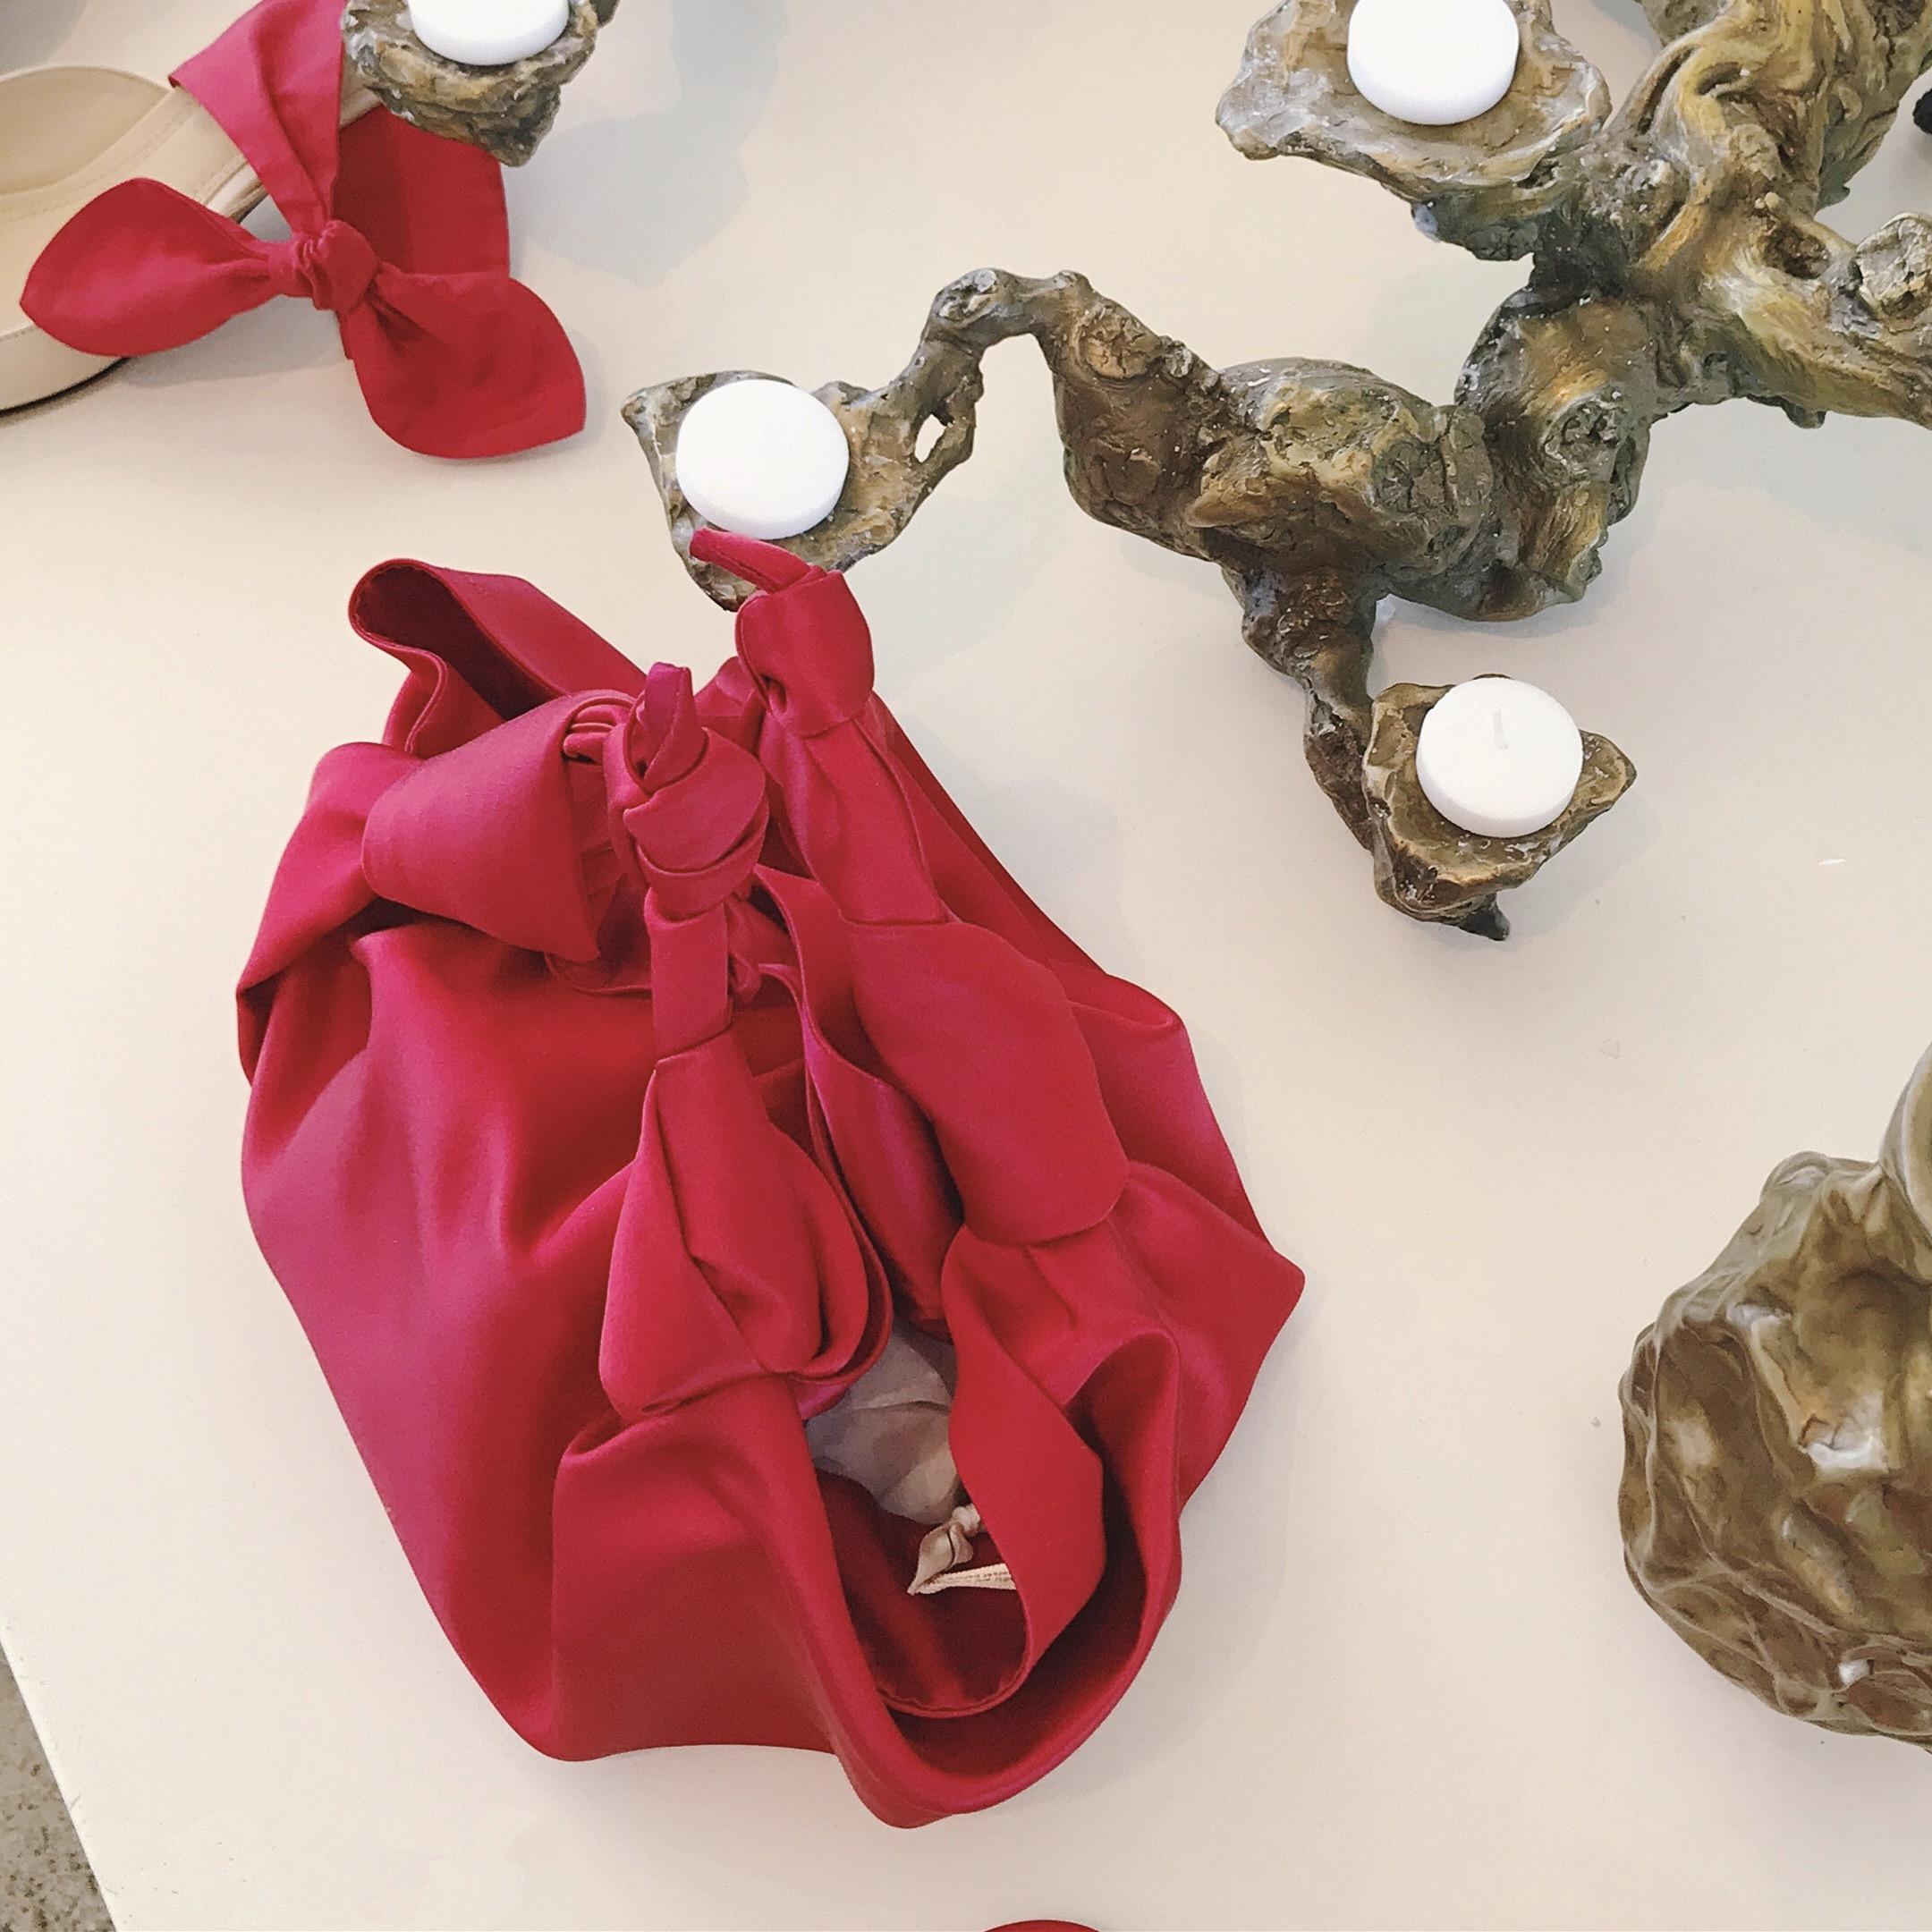 红色手拿包 小众包网红同款丝绒手拿包红色复古丝绸包绸缎面饺子包迷你手拎包_推荐淘宝好看的红色手拿包